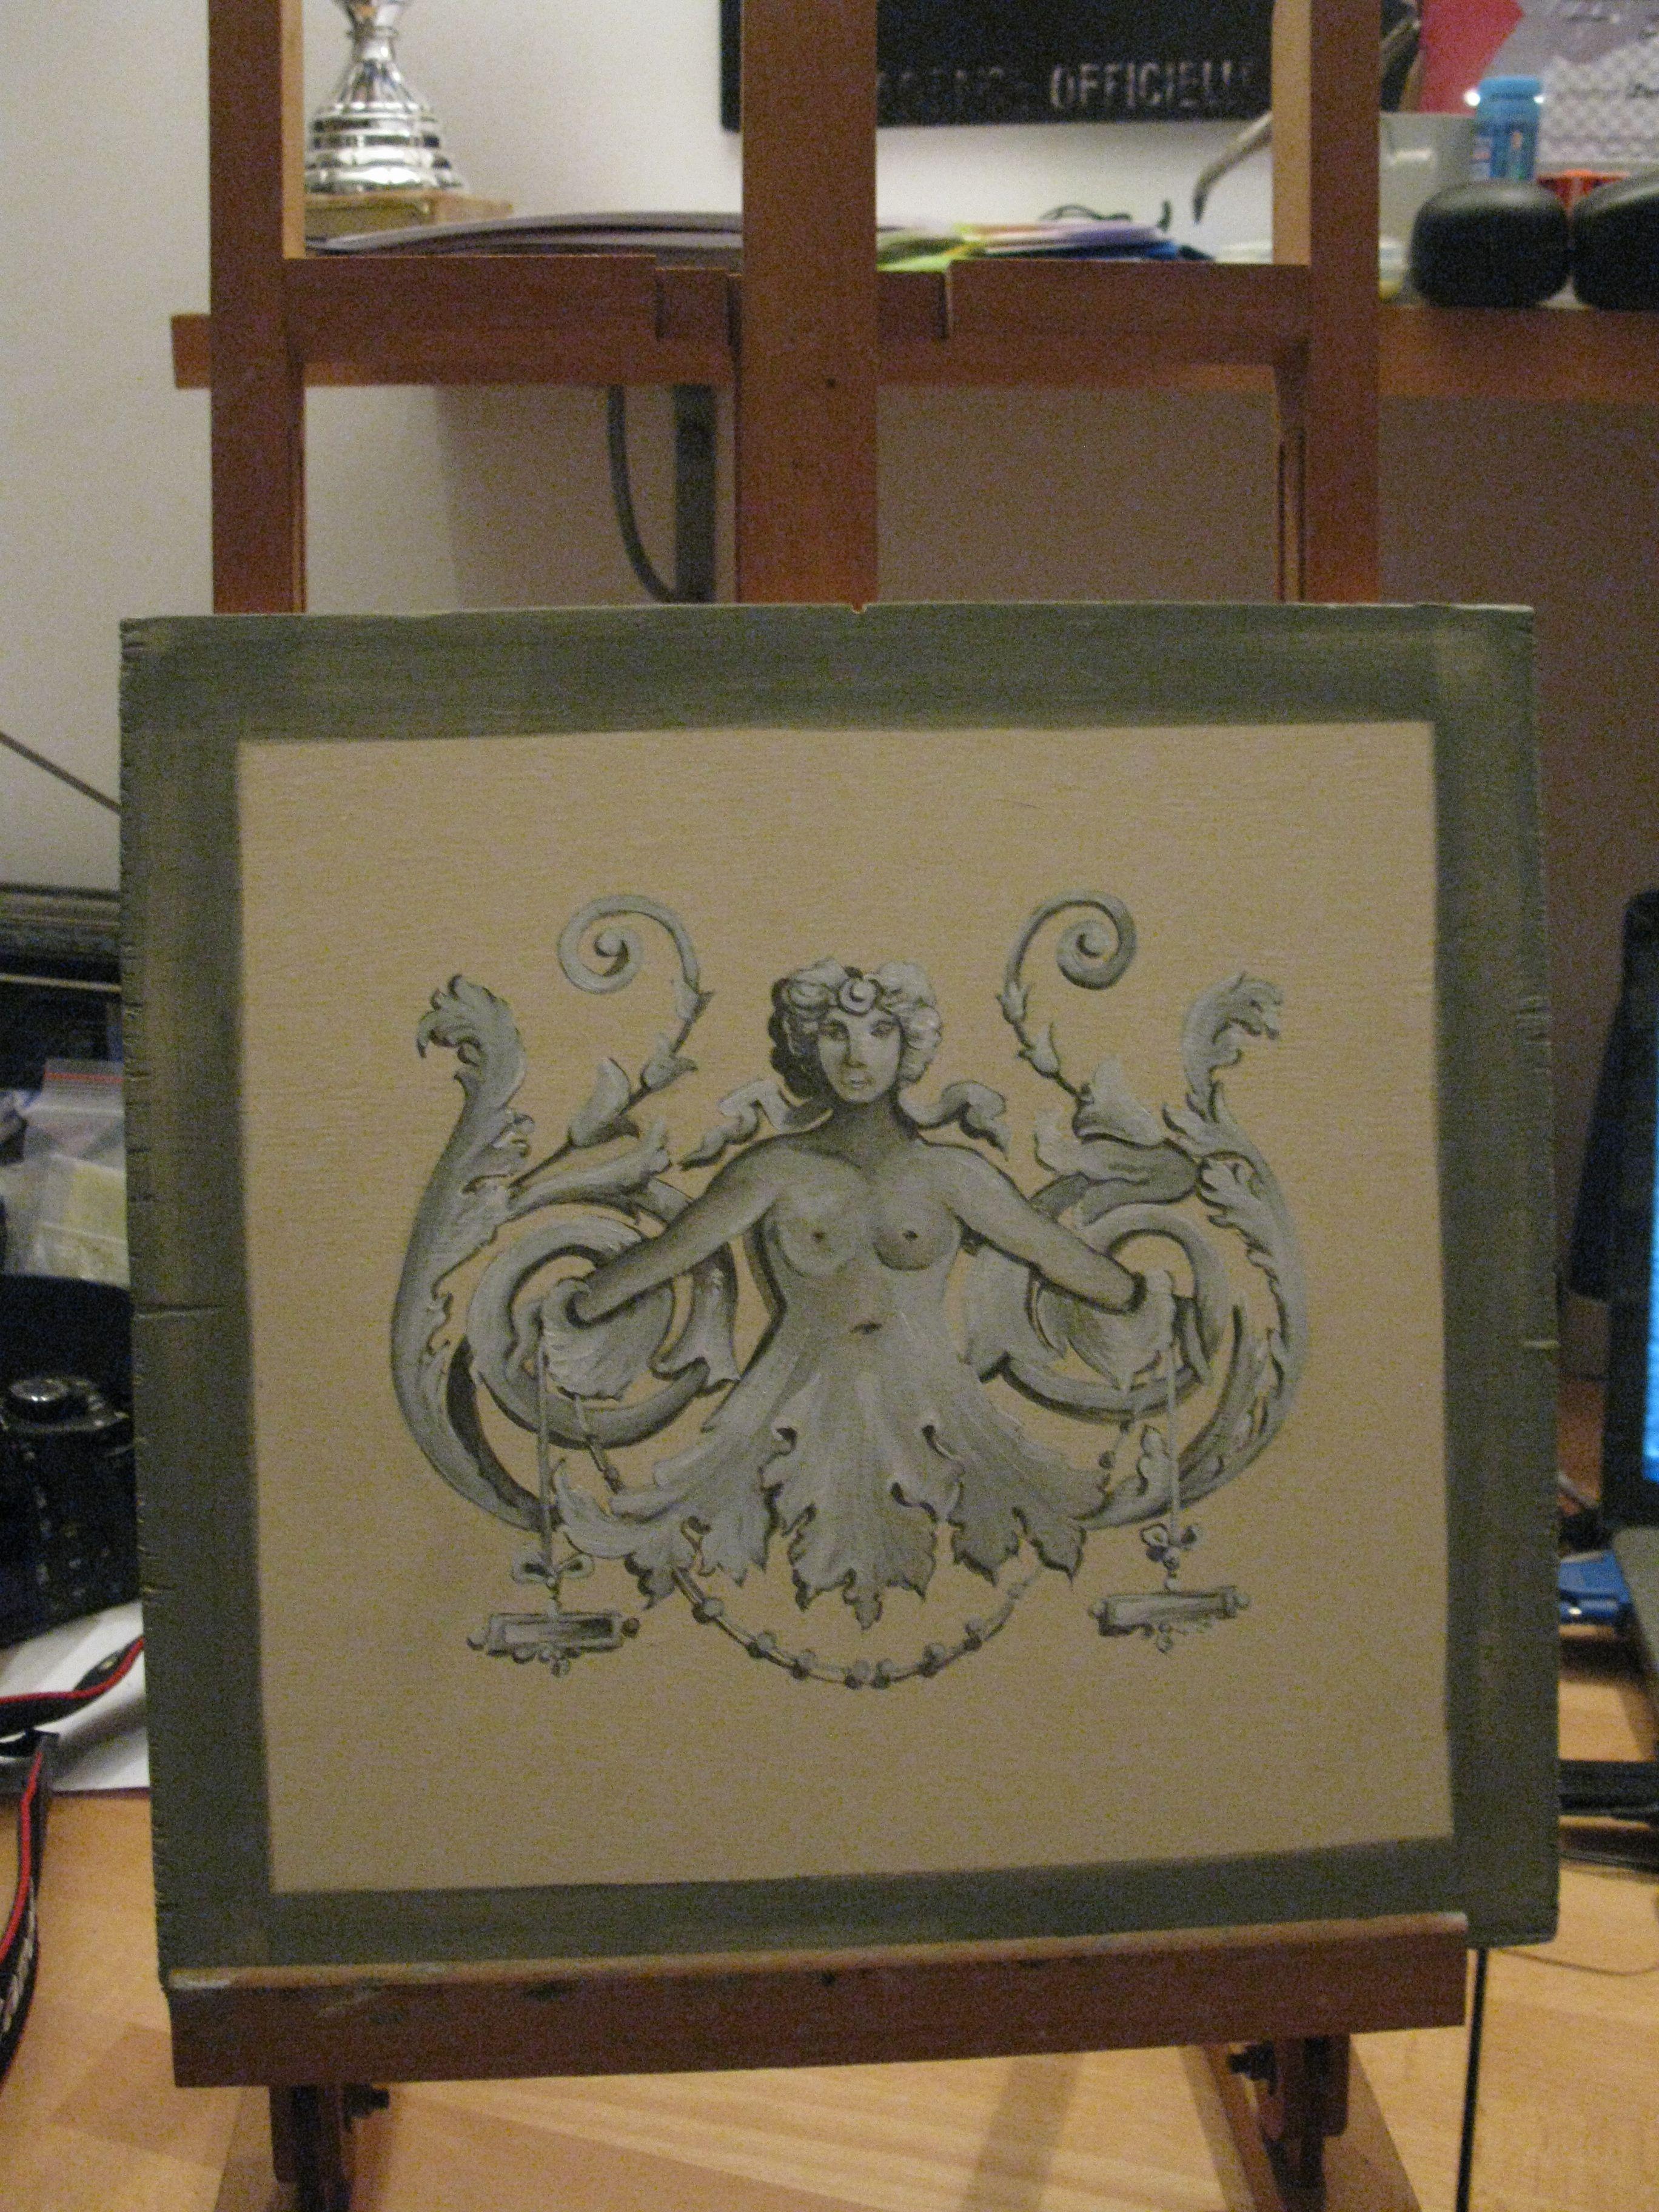 Un altro piccolo pannello, sempre decorato a grottesca. Questo è quasi finito, mancano alcuni dettagli!